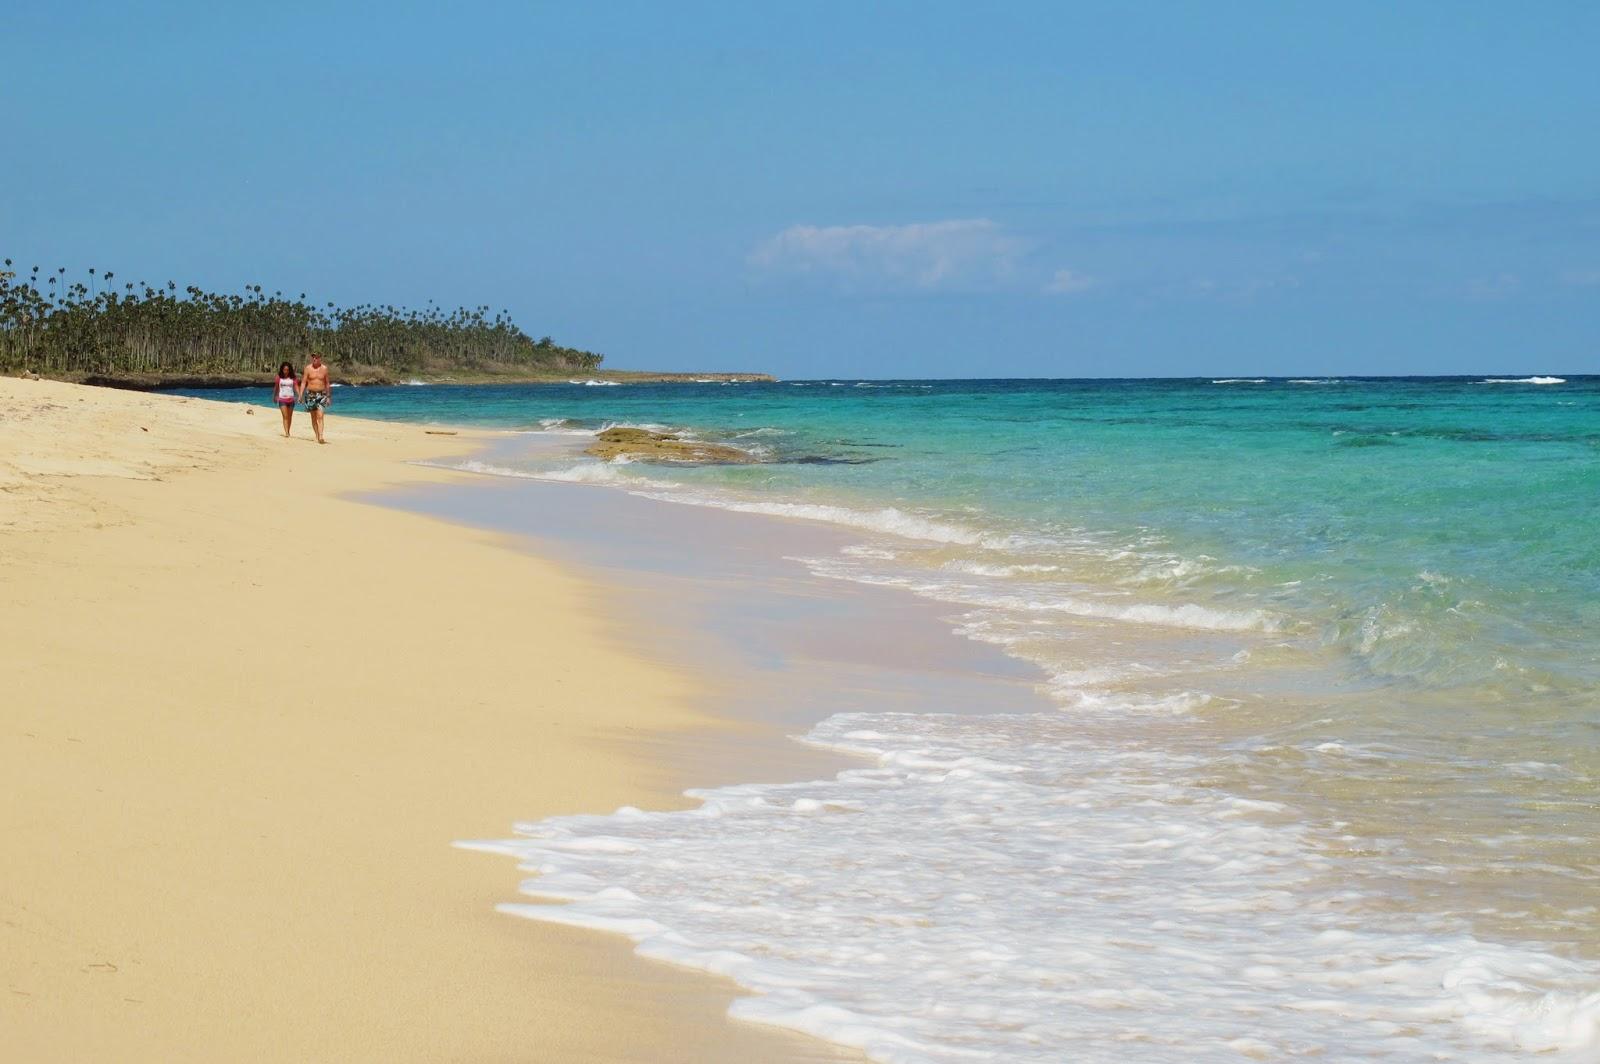 Playa Maguana, nas proximidades de Baracoa, uma das regiões mais remotas de Cuba.